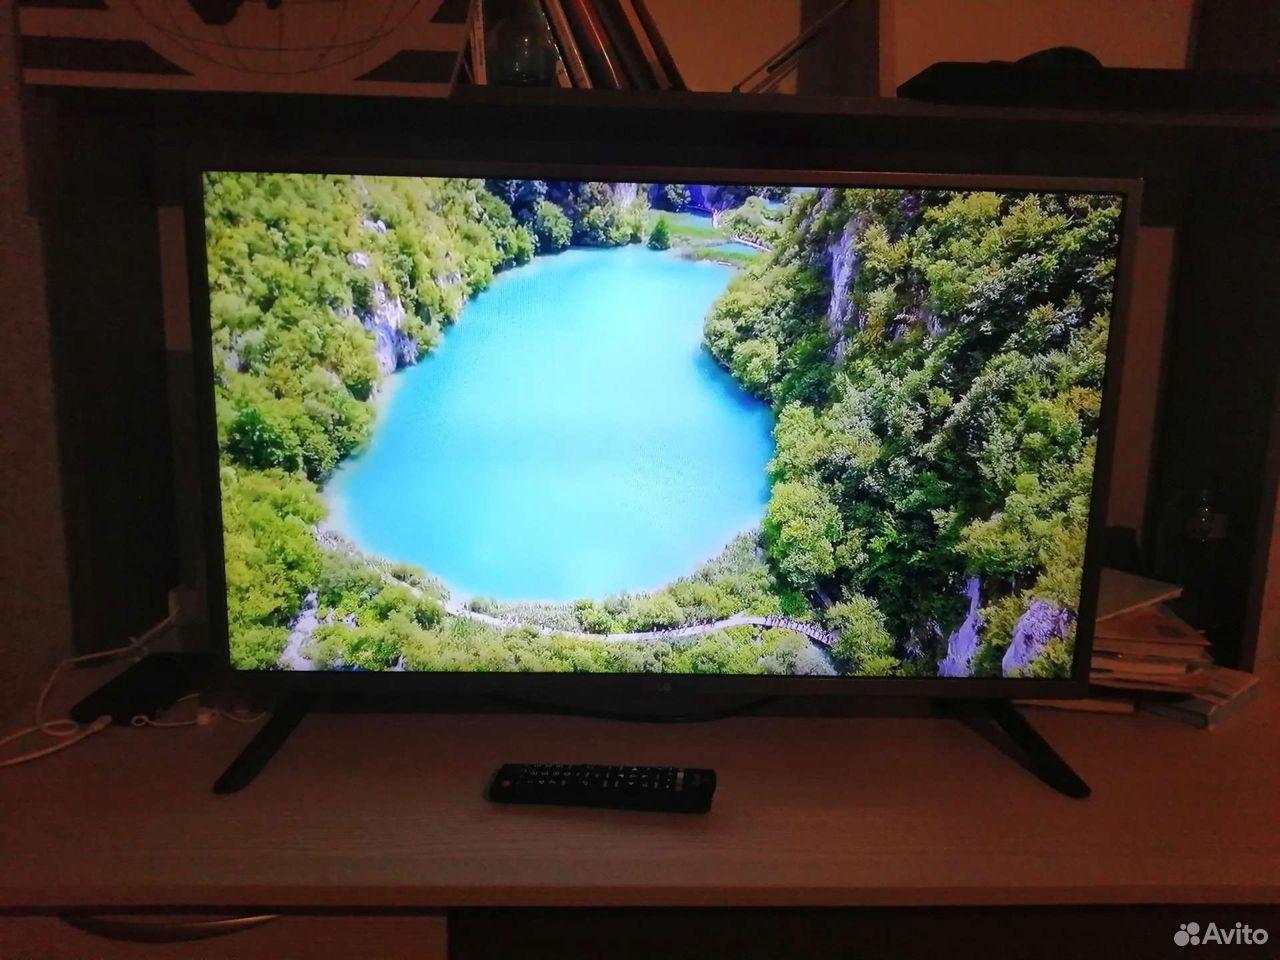 Телевизор ЖК LG 32 с цифровым  89080002239 купить 2